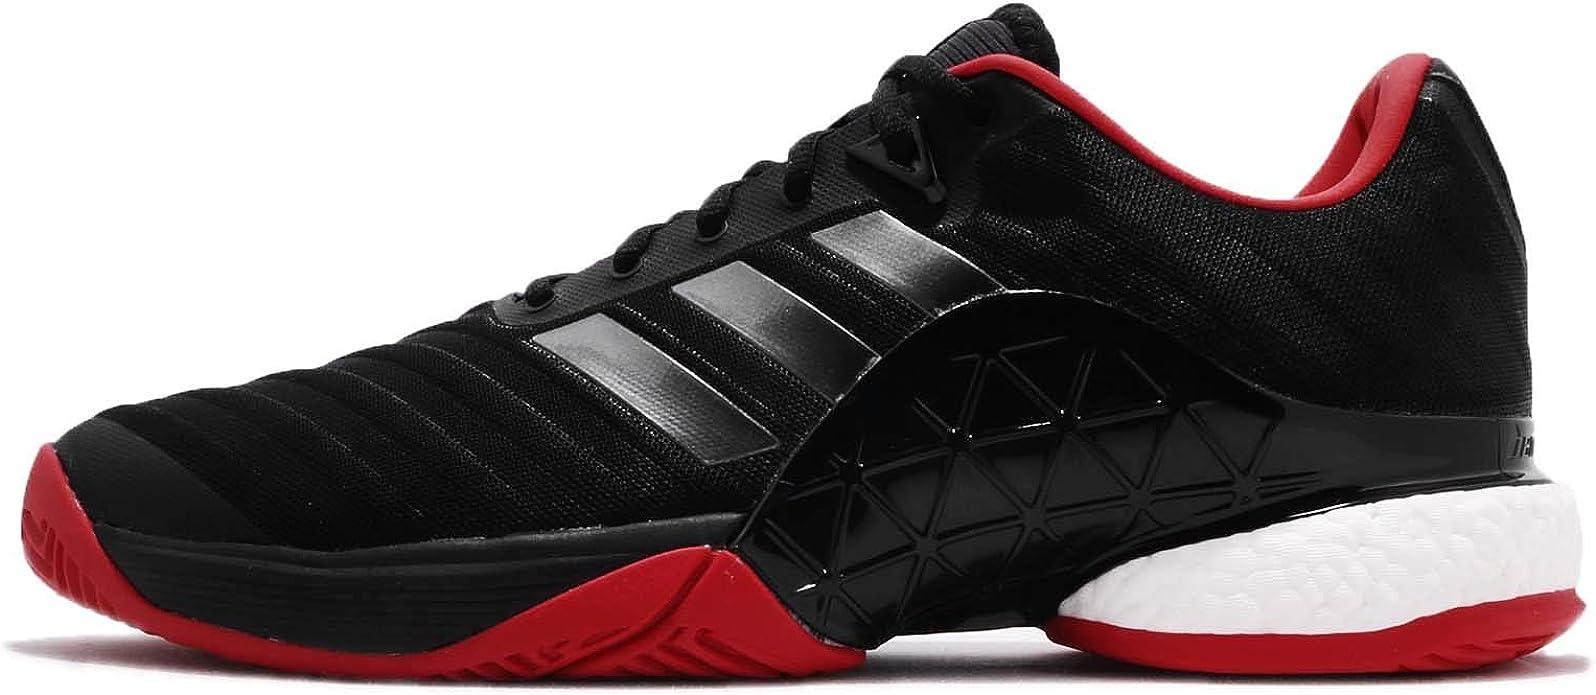 Gran engaño Supermercado Independencia  adidas Men's Barricade 2018 Boost Tennis Shoes: Amazon.co.uk: Shoes & Bags